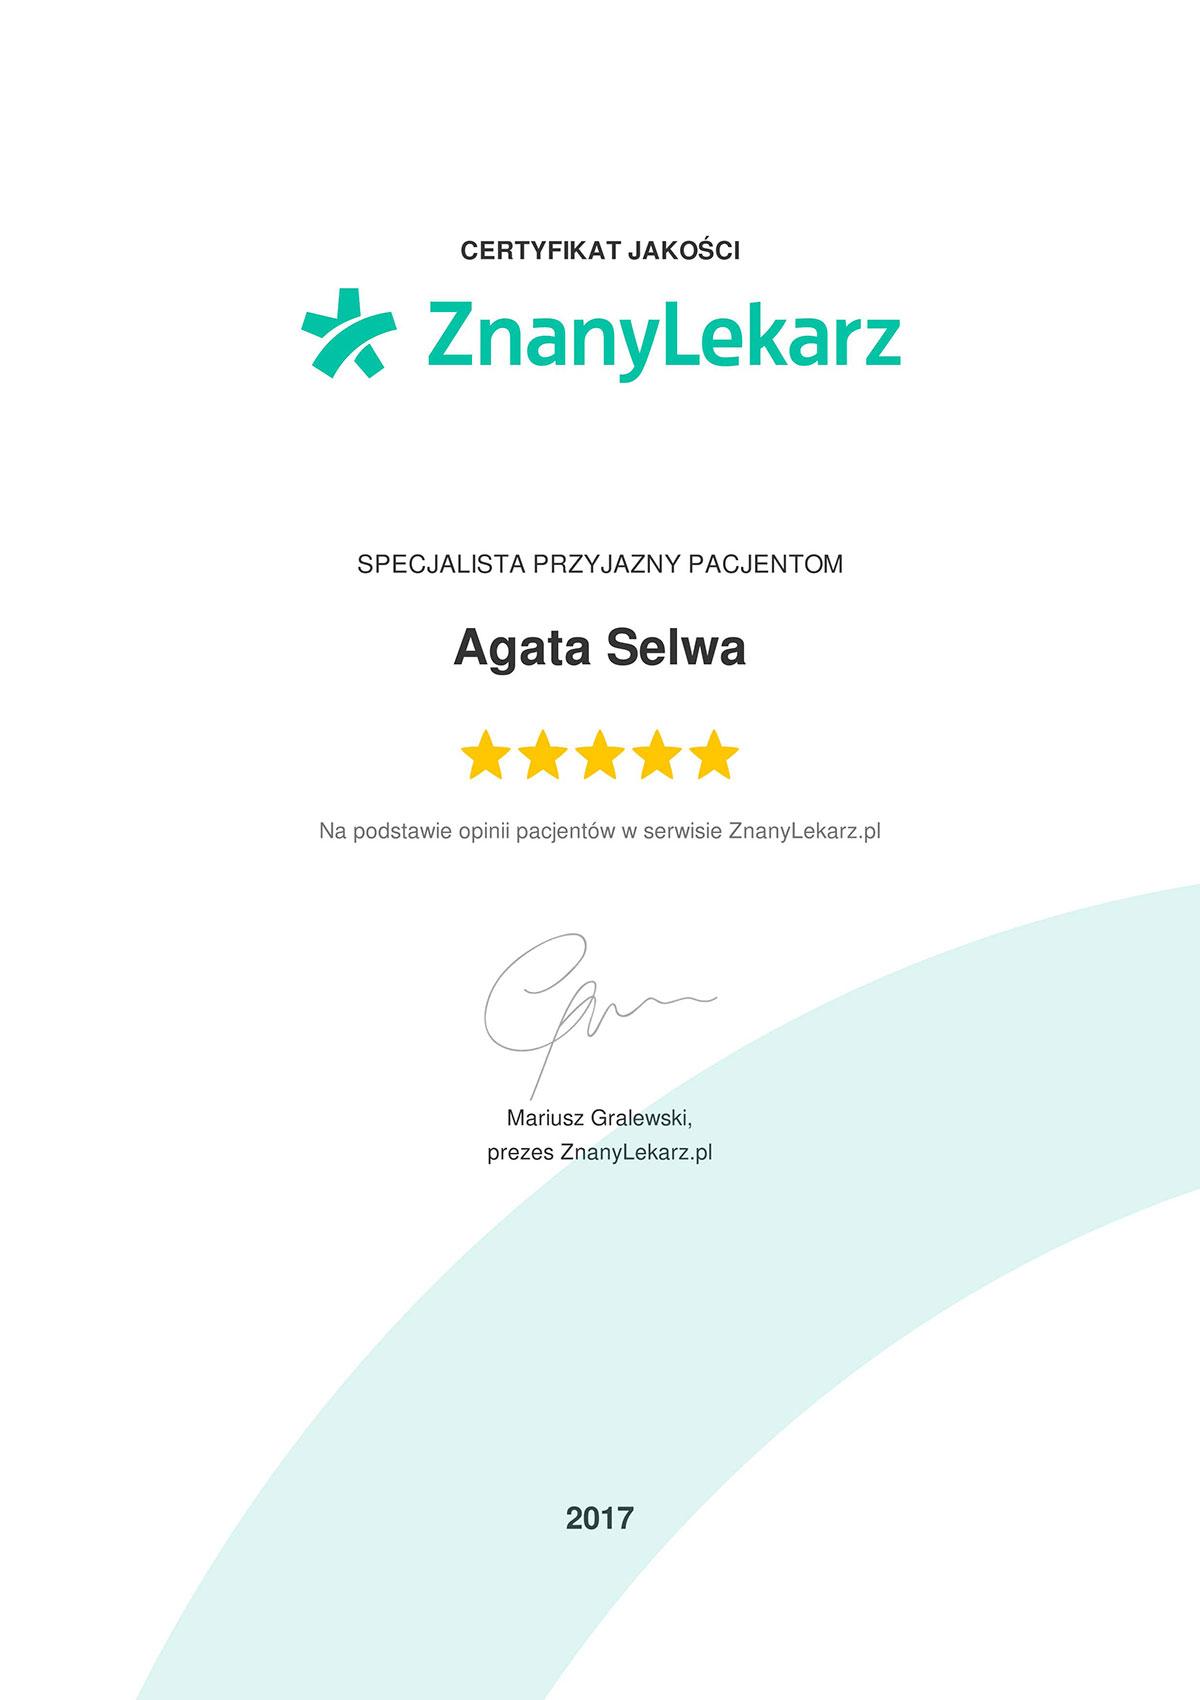 znanylekarz dr agata selwa certyfikat - O MNIE